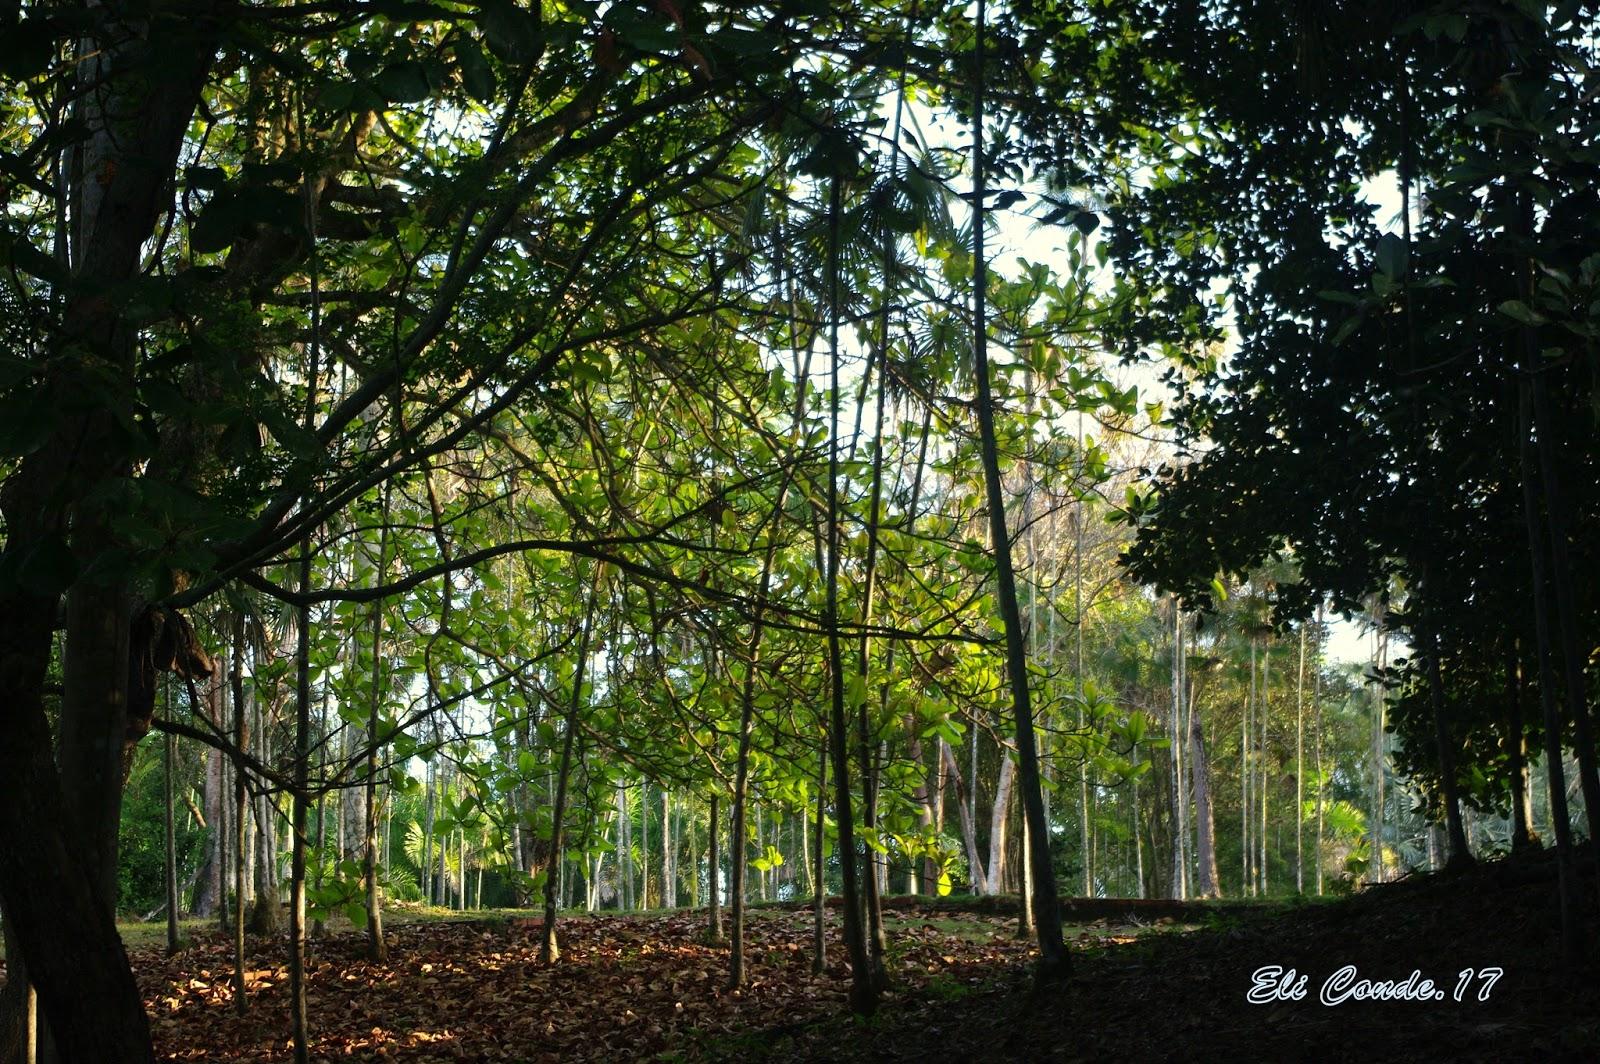 Con ojos curiosos en rep dominicana paseando por el for Conciertos jardin botanico 2017